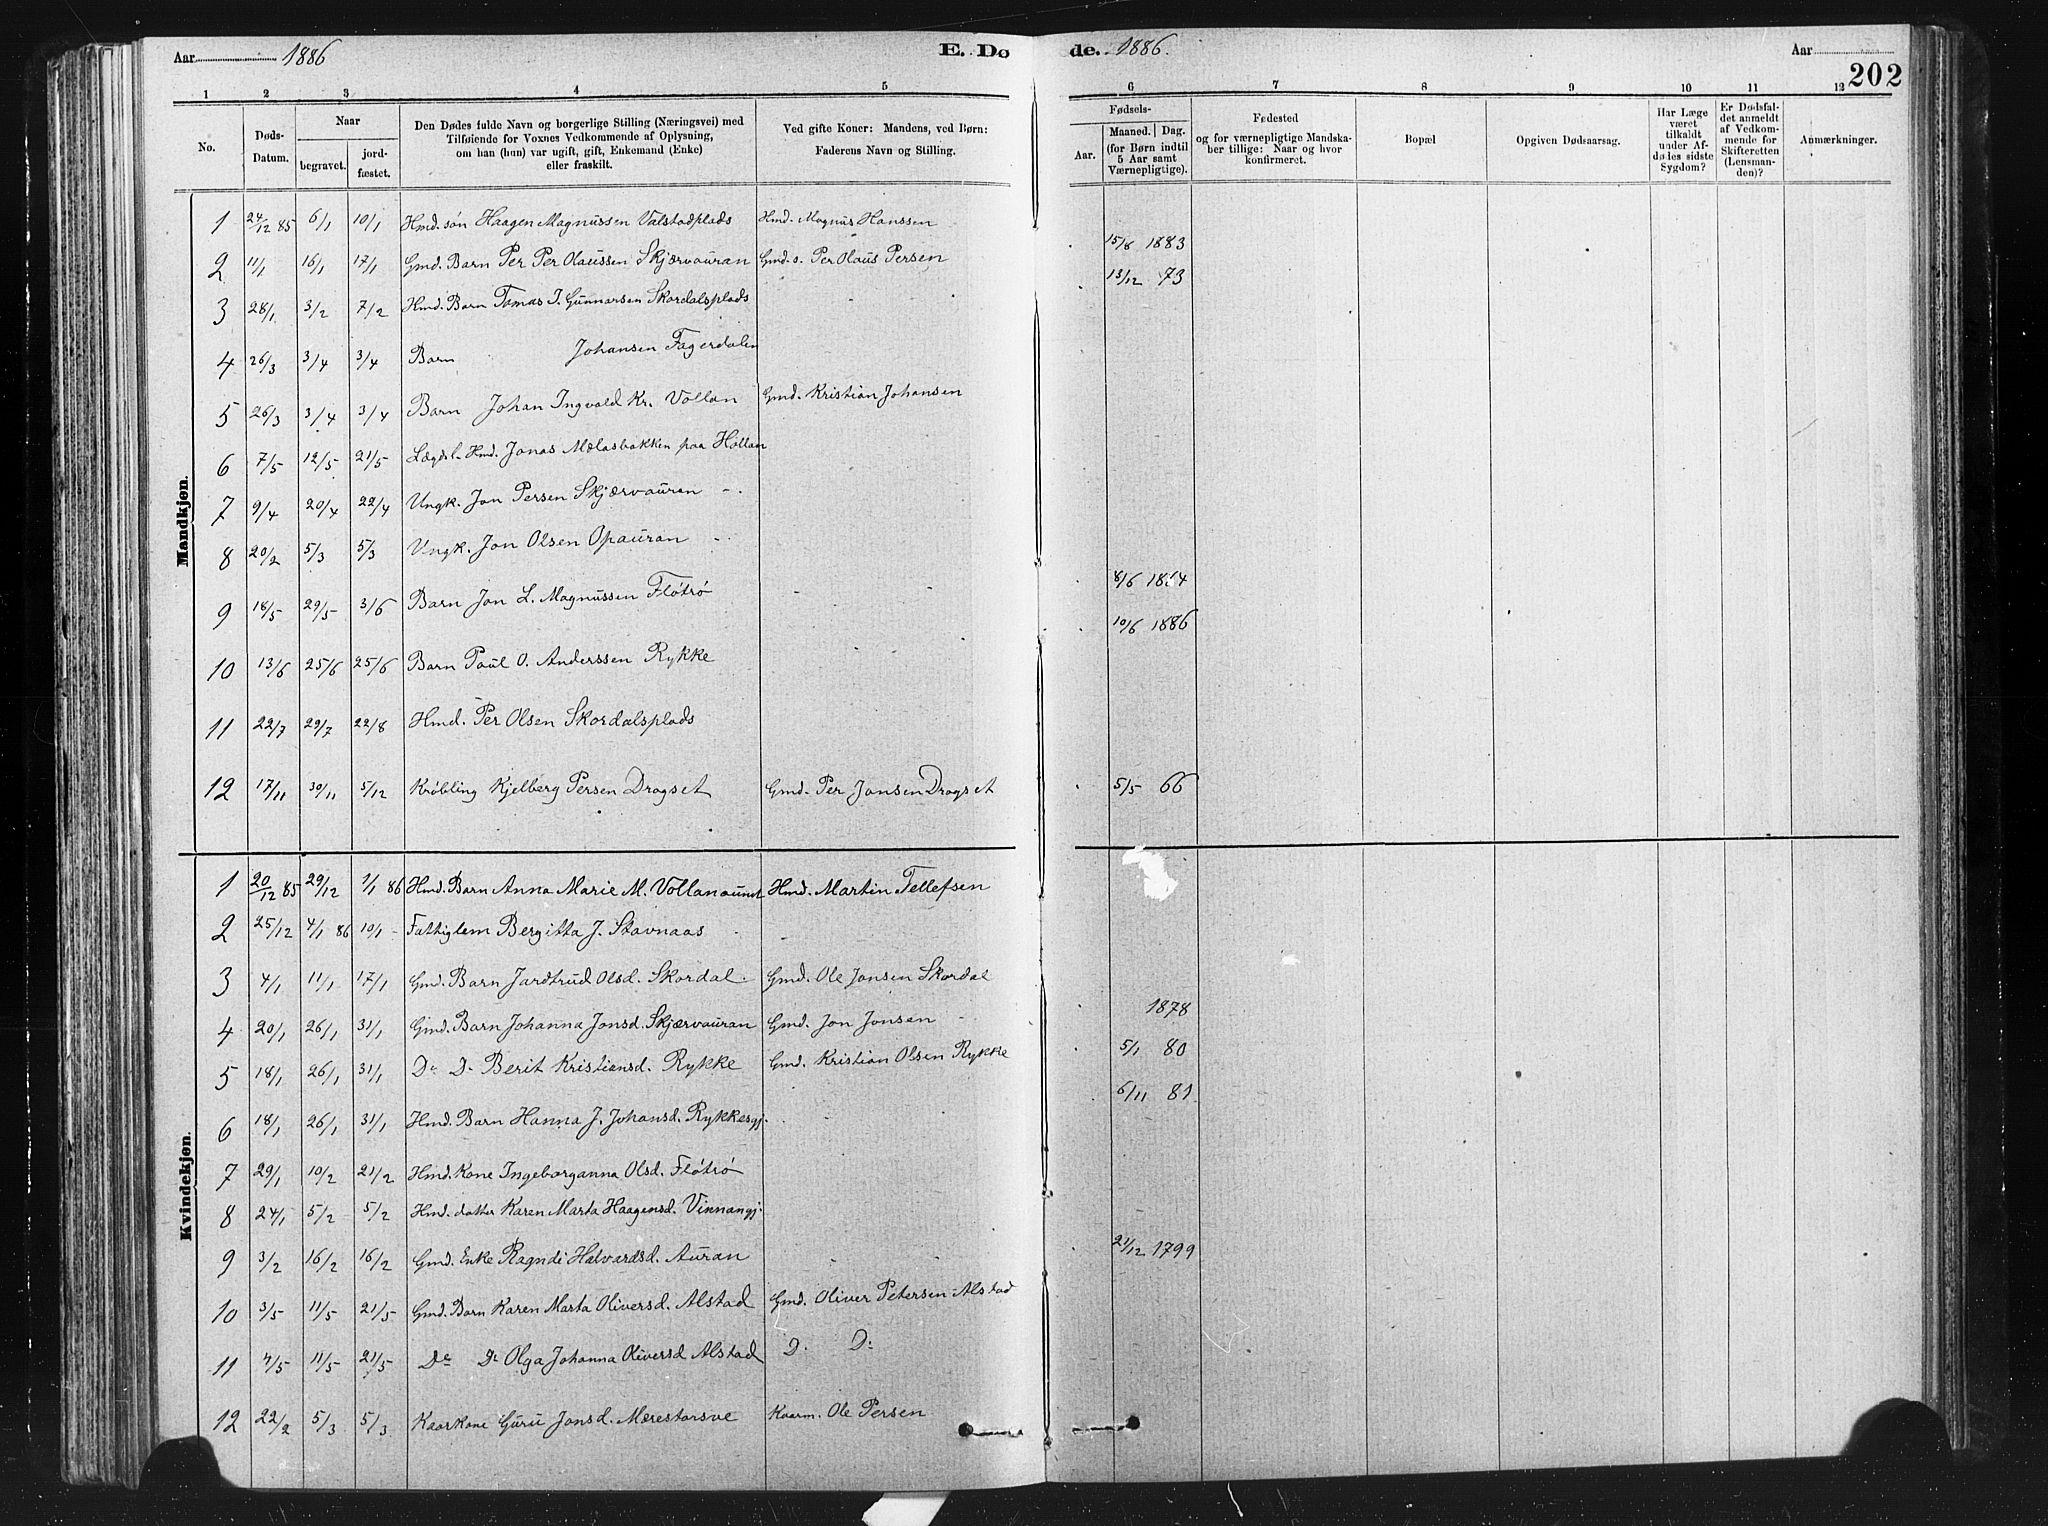 SAT, Ministerialprotokoller, klokkerbøker og fødselsregistre - Nord-Trøndelag, 712/L0103: Klokkerbok nr. 712C01, 1878-1917, s. 202